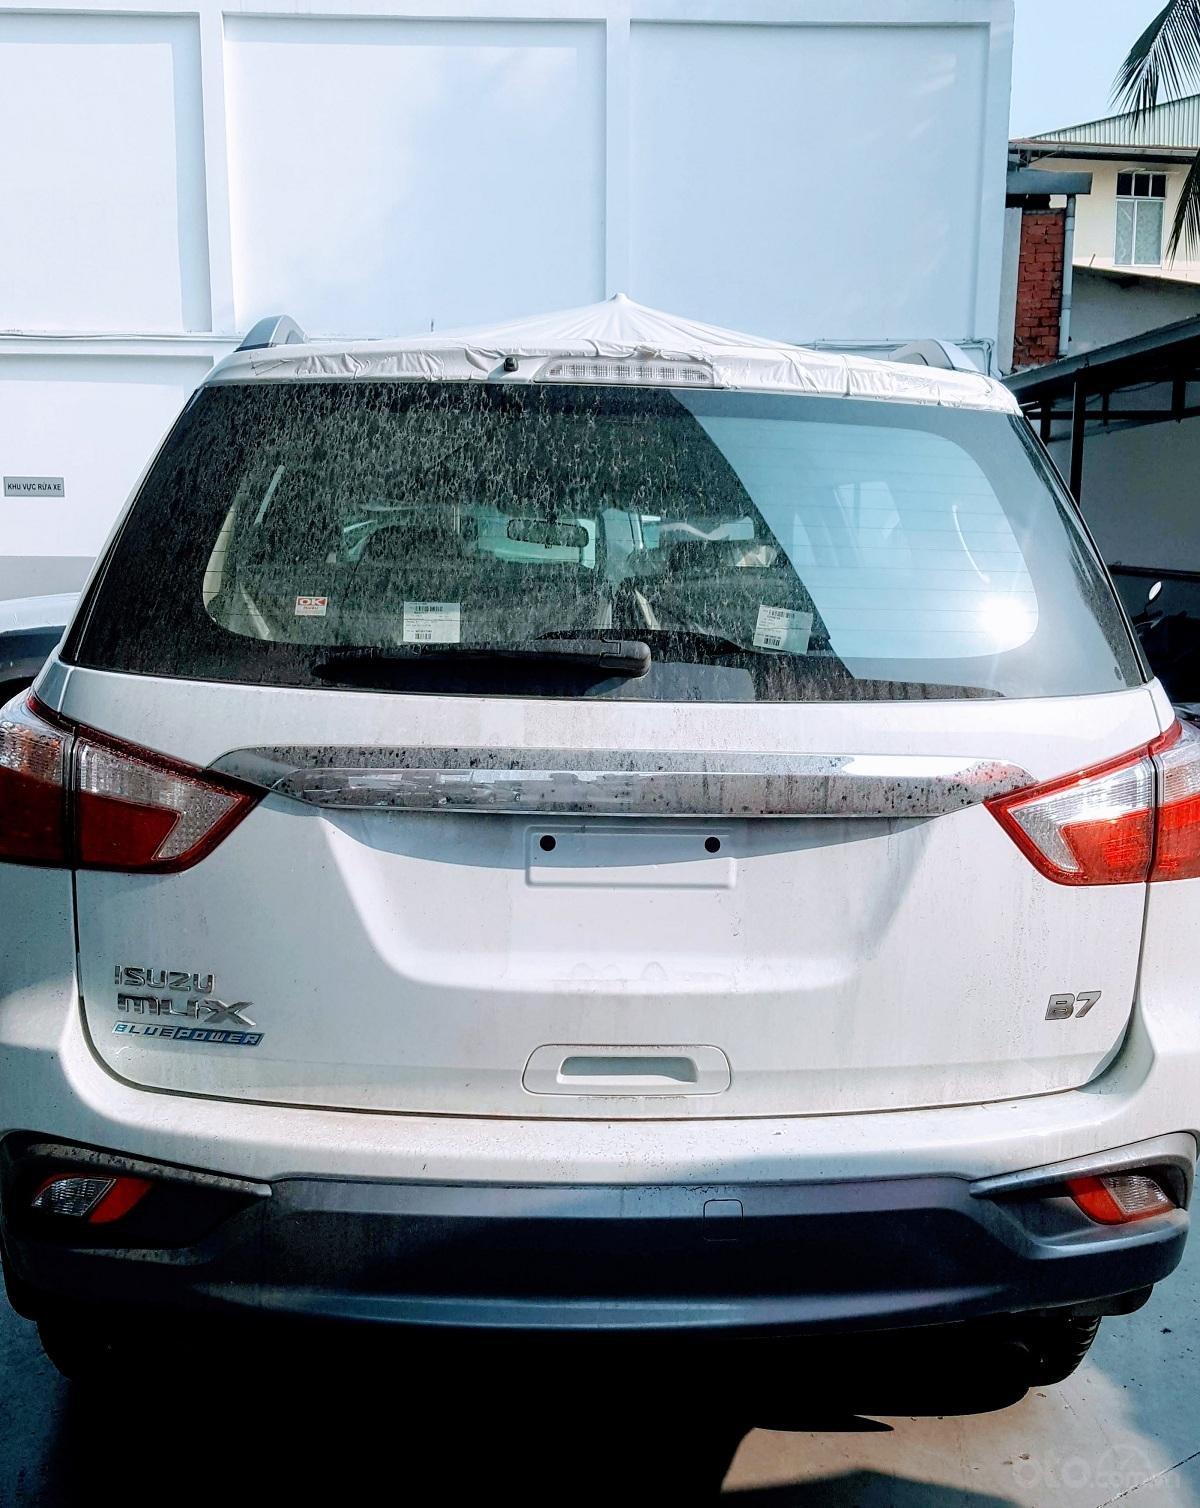 Cuối năm giá tốt, khuyến mãi khủng, Isuzu mu-X B7 2019, xe sẵn giao ngay (3)